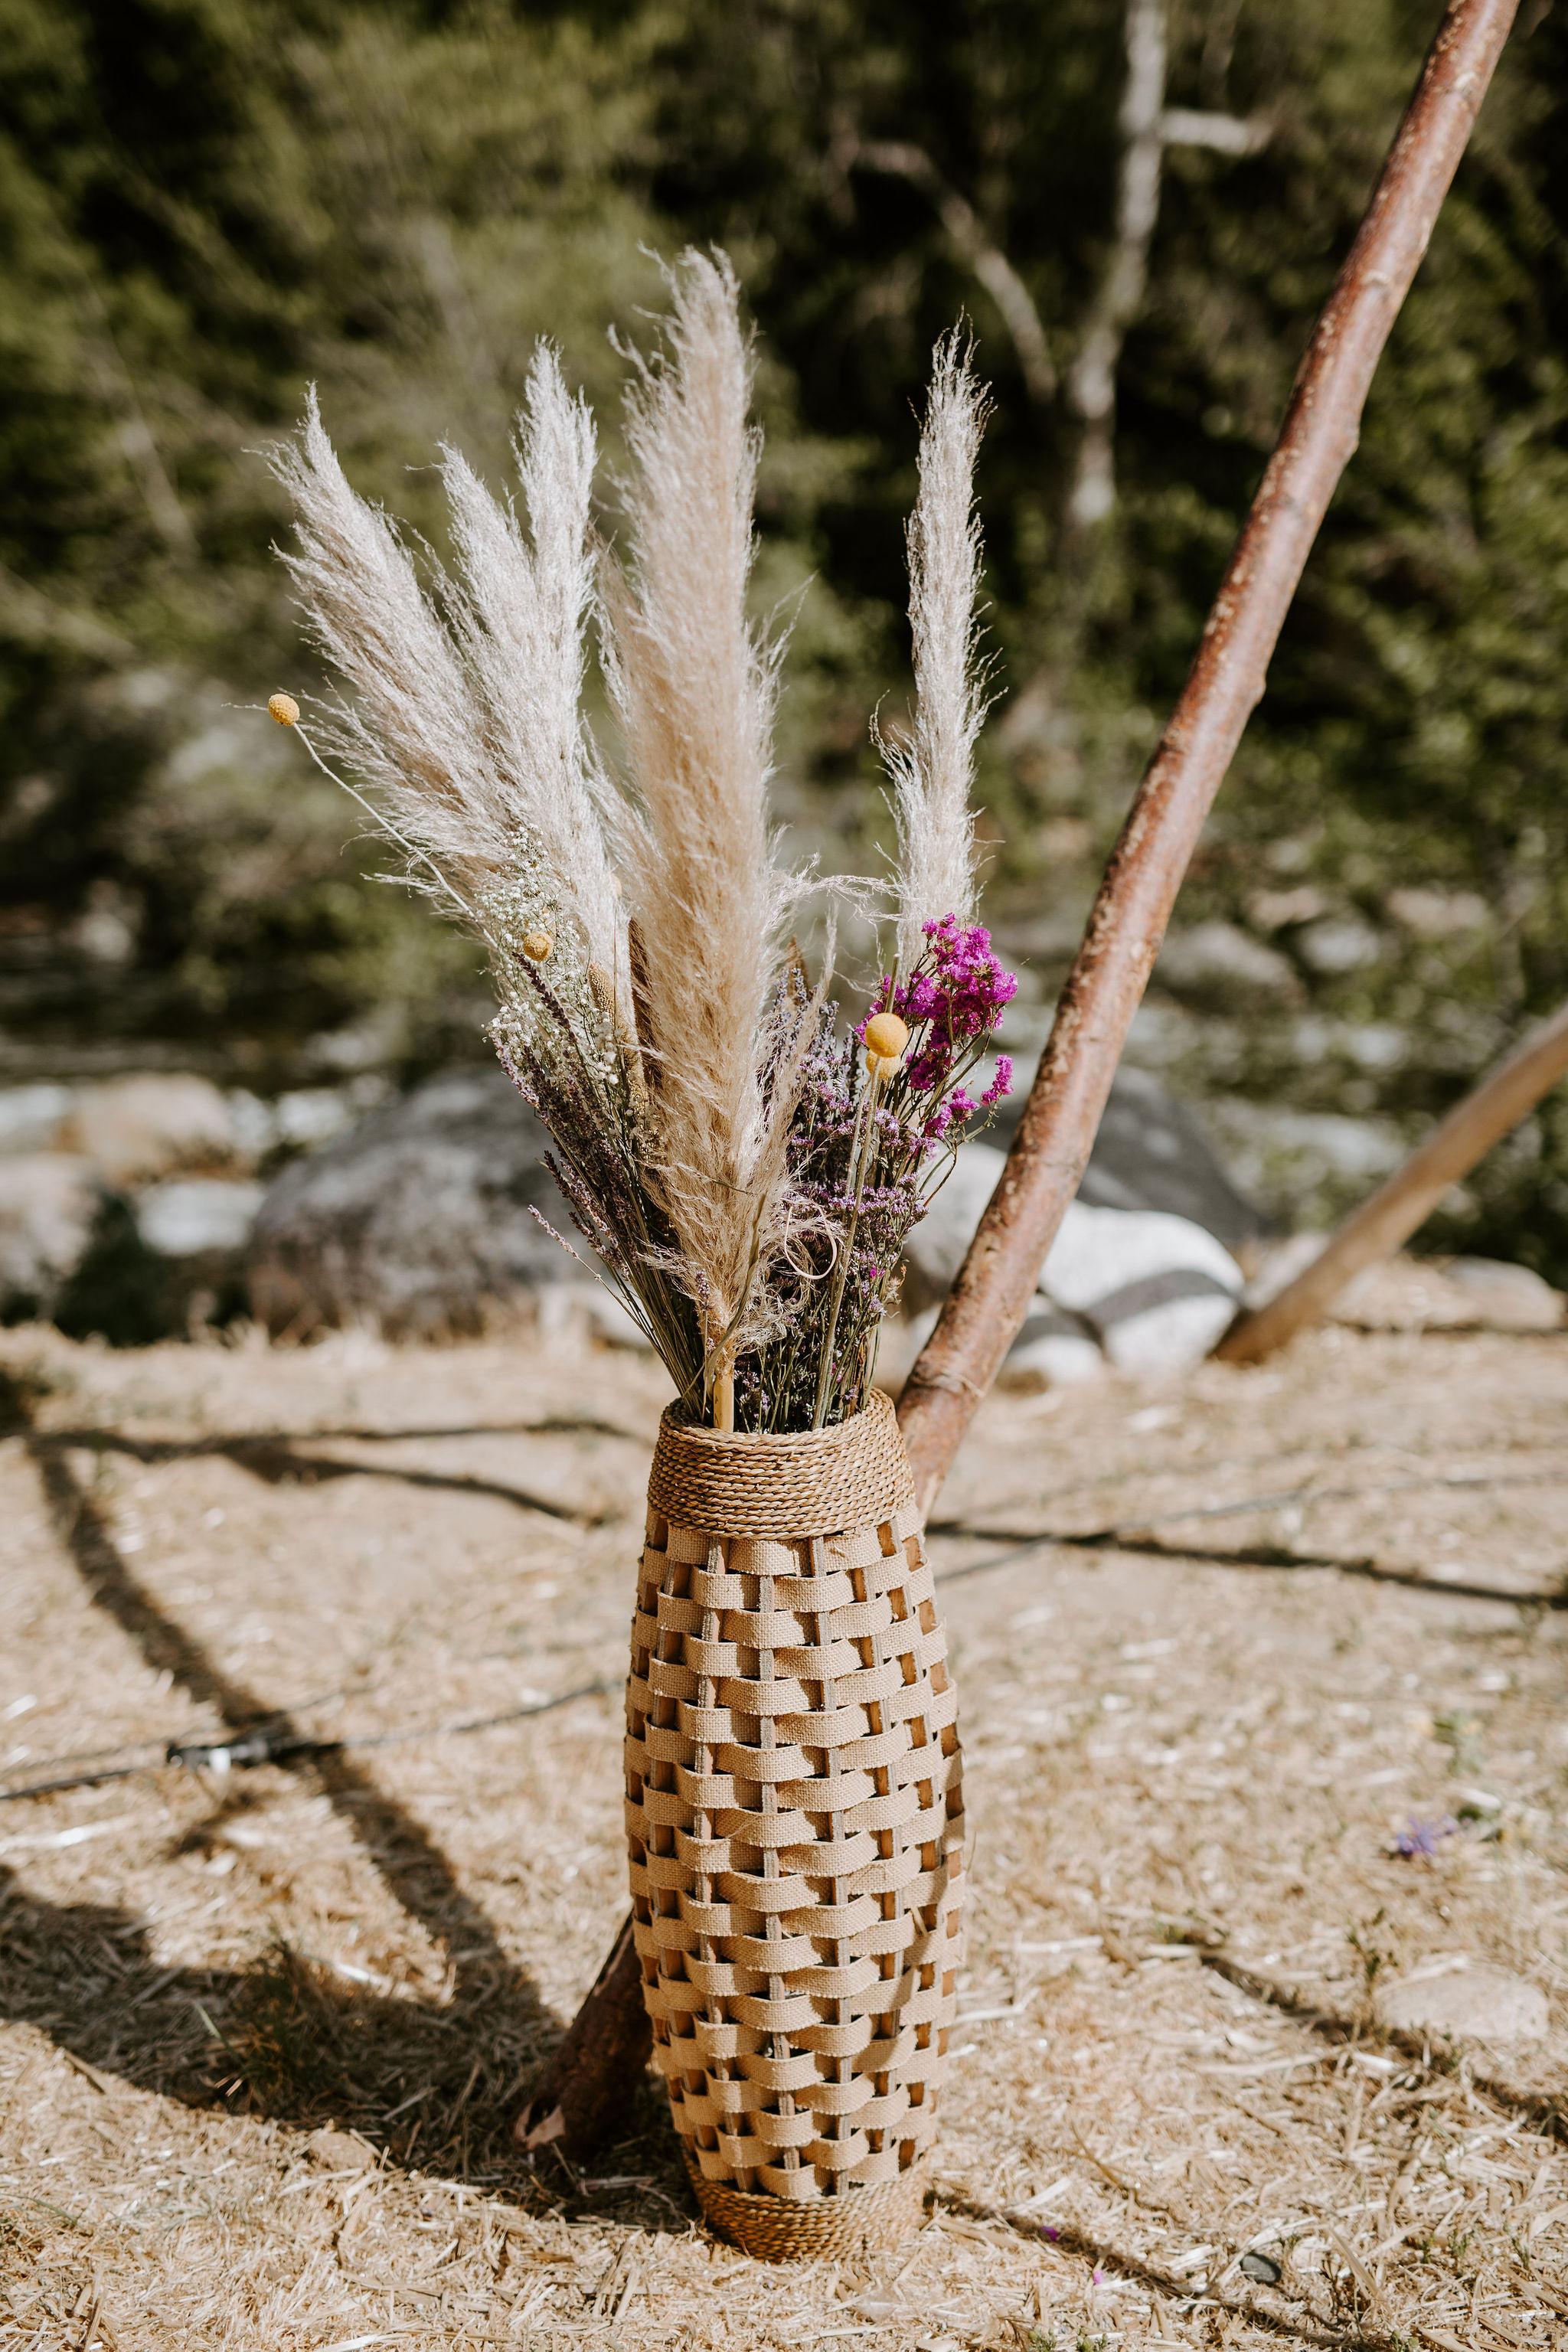 RedwoodRanch_Geoff&LyndsiPhotography_Mike&Amanda_GettingReady4.jpg